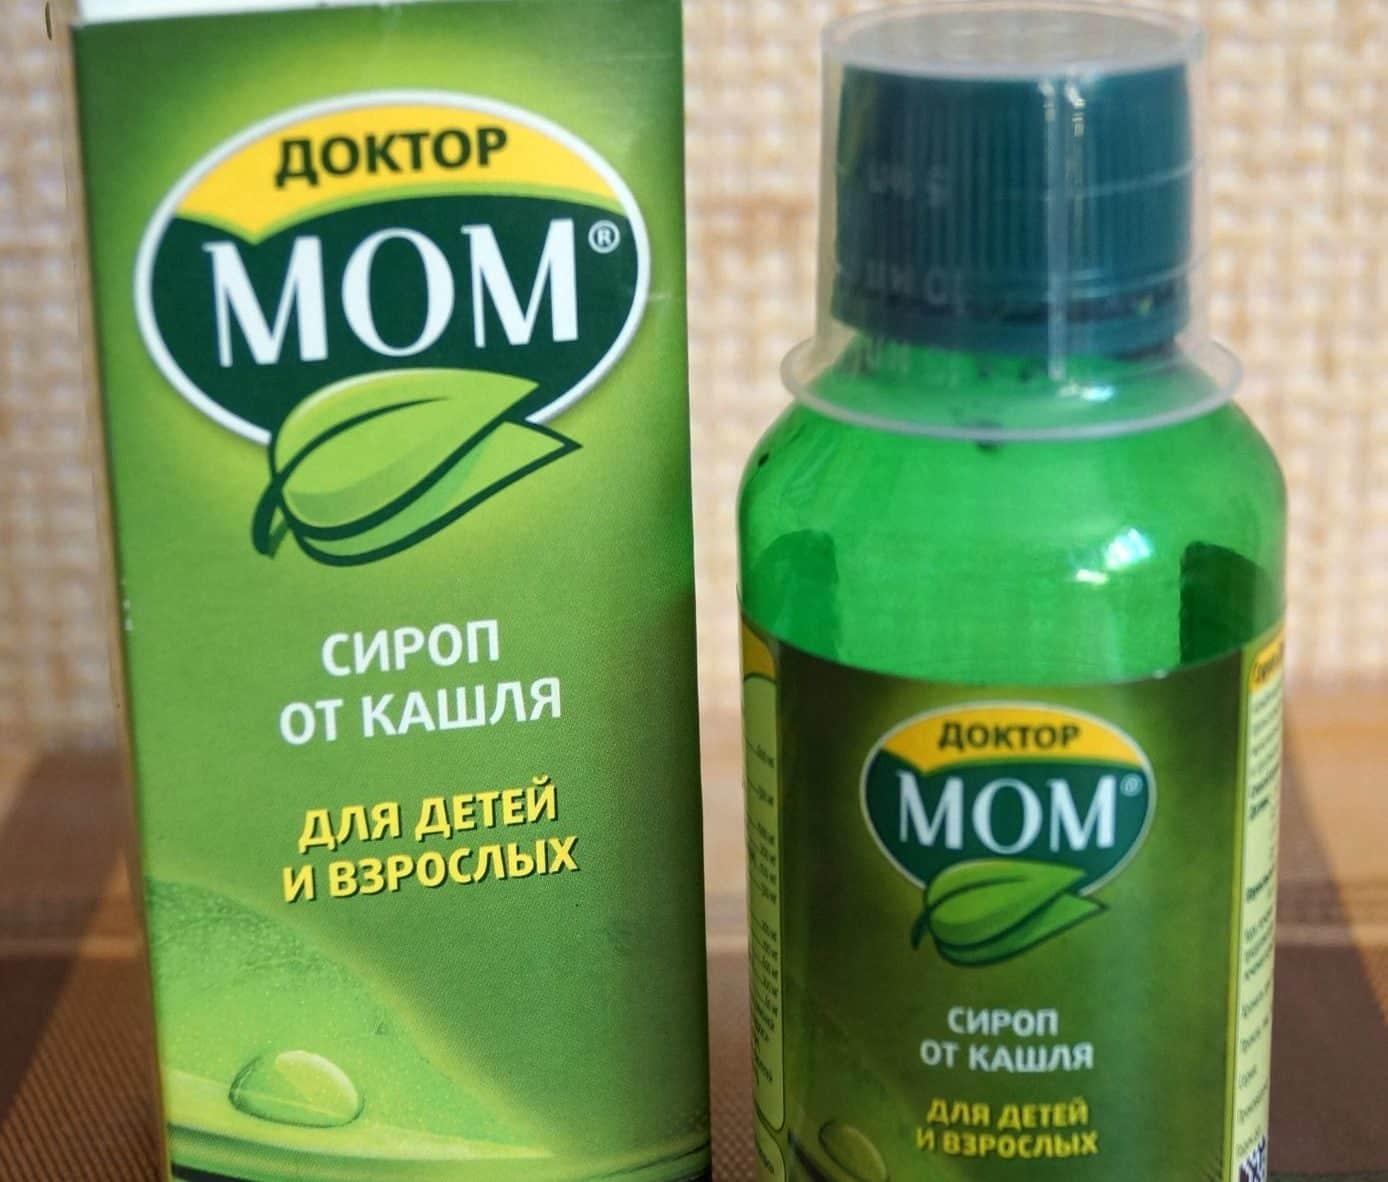 Ніж пастилки Доктор МОМ® краще таблеток від кашлю